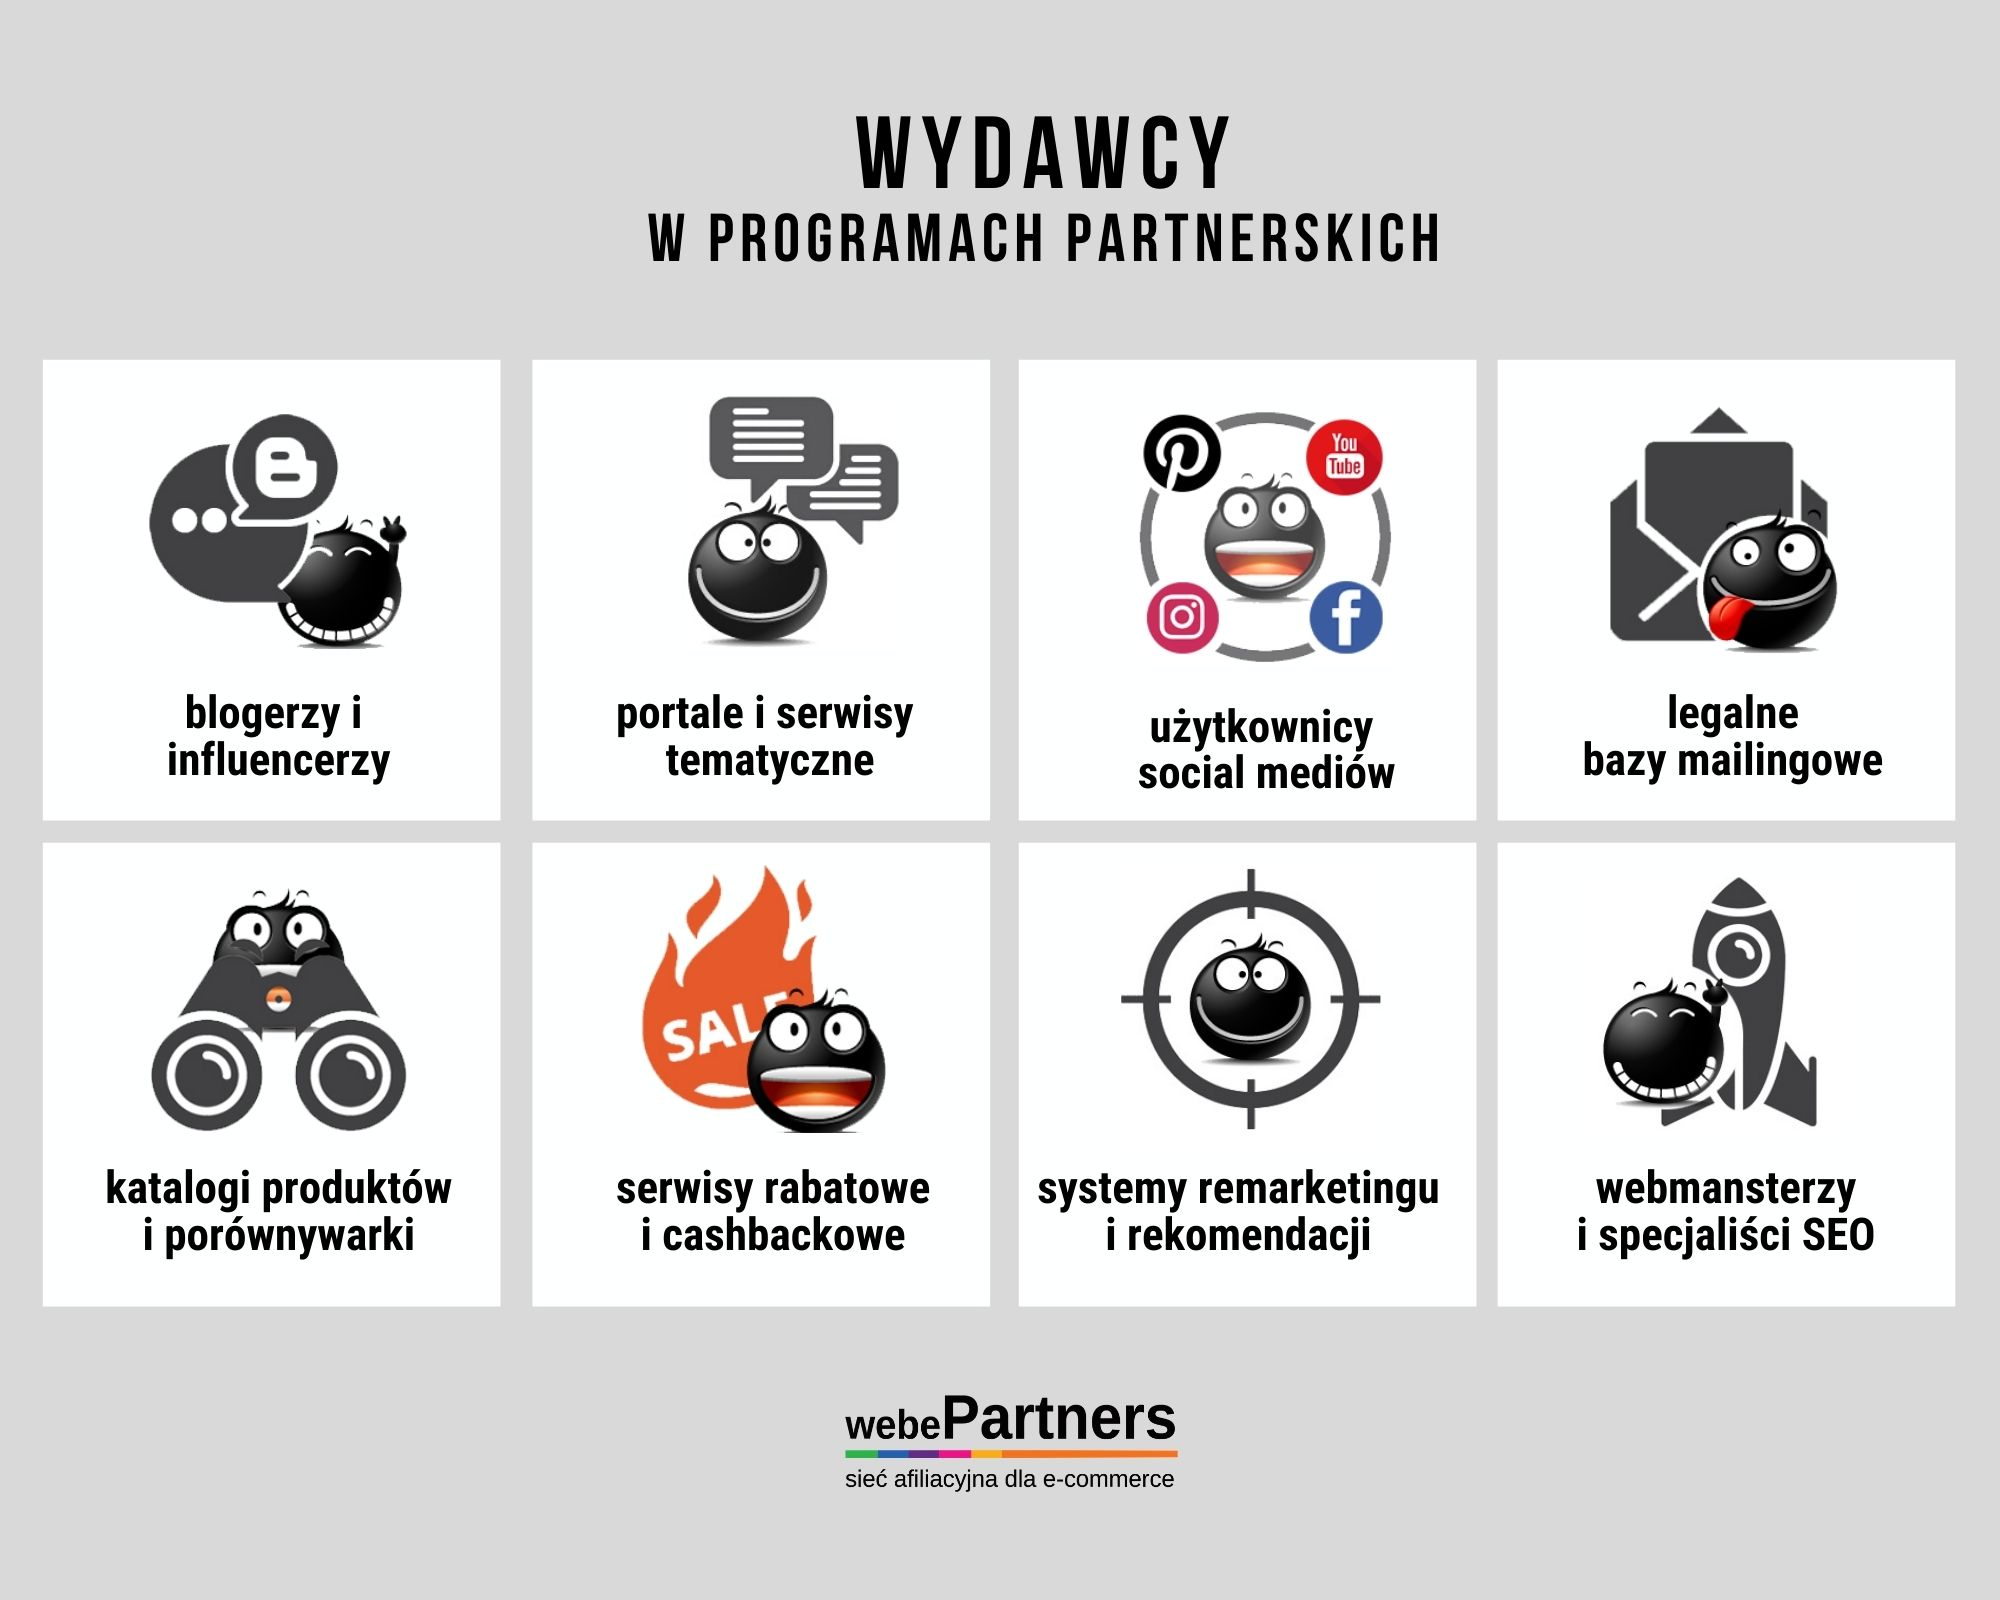 Wydawcy w programach partnerskich